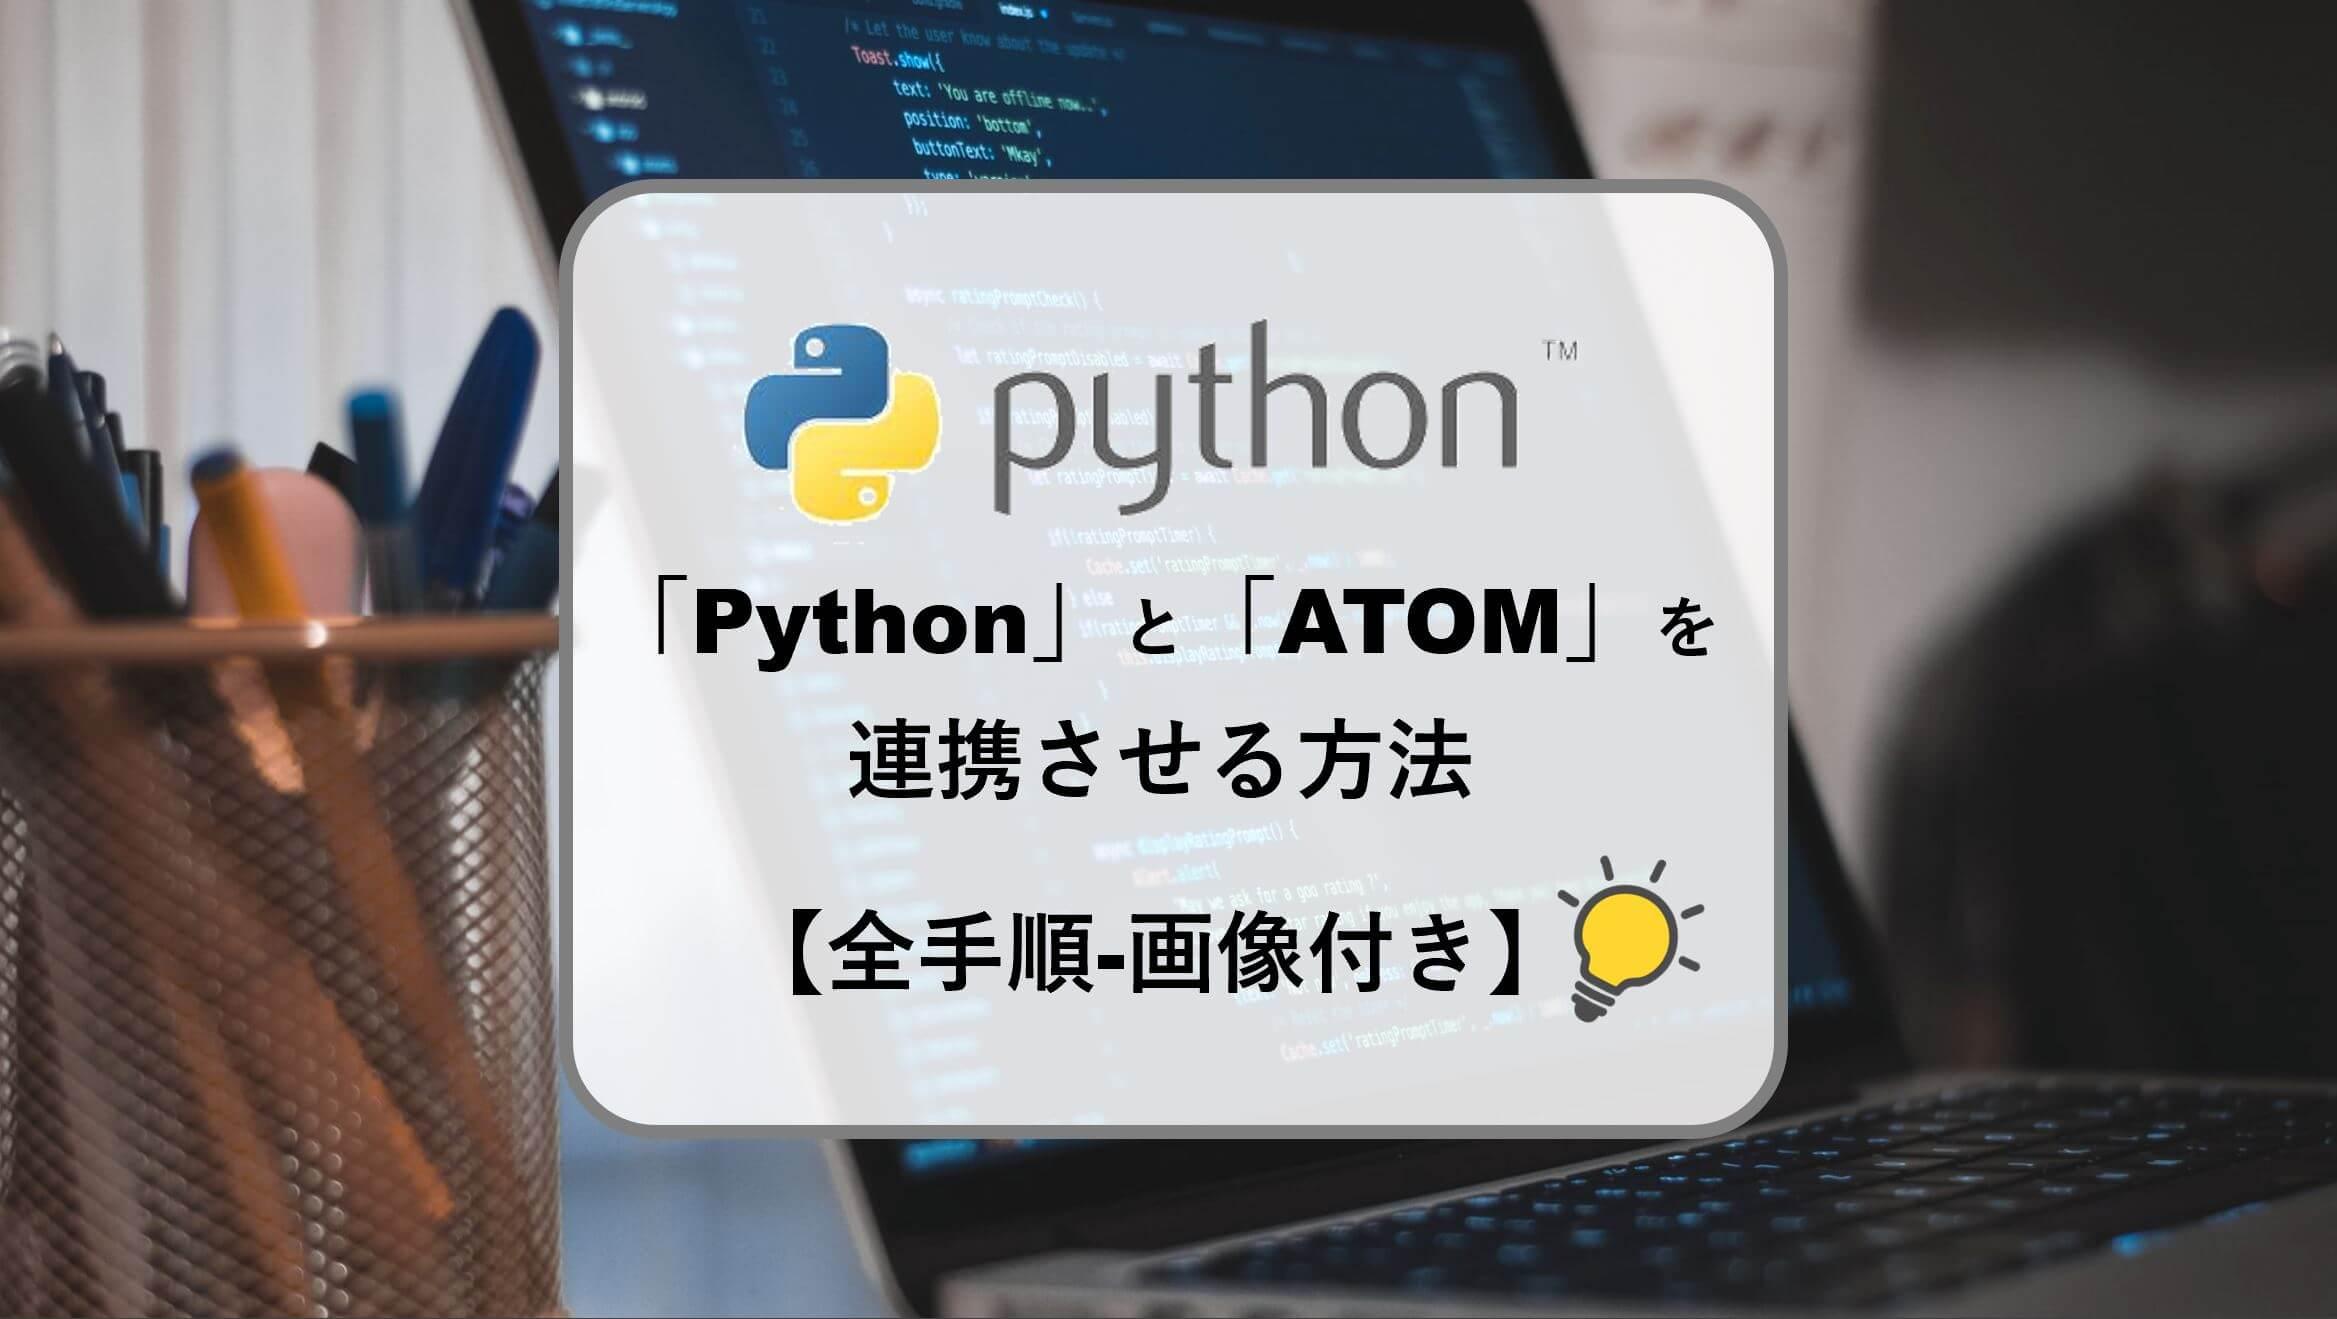 pythonとATOMの連携方法